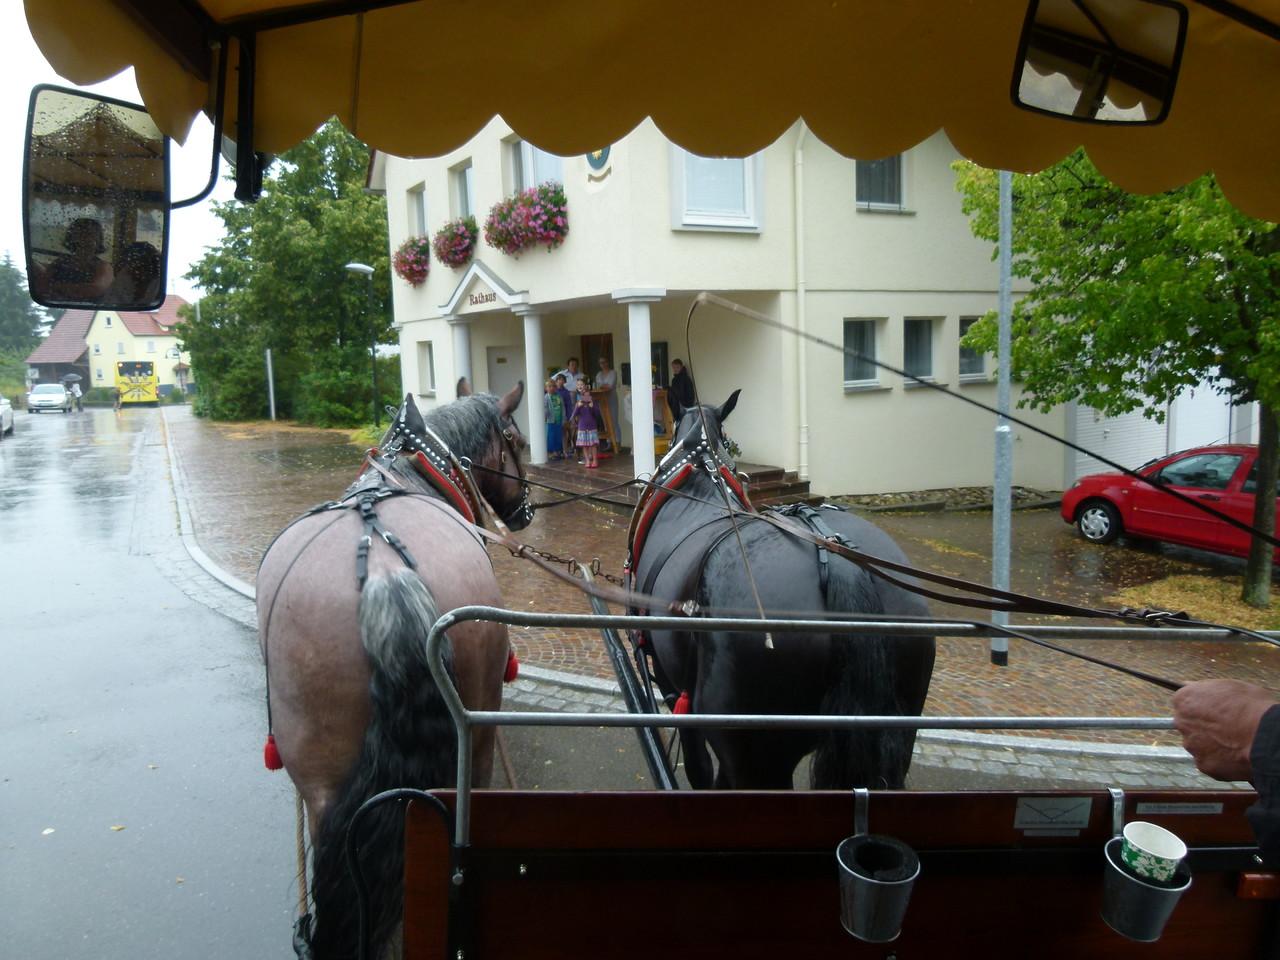 Es regnet in Strömen - in Immernhausen gab es trotzdem einen warmen Empfang